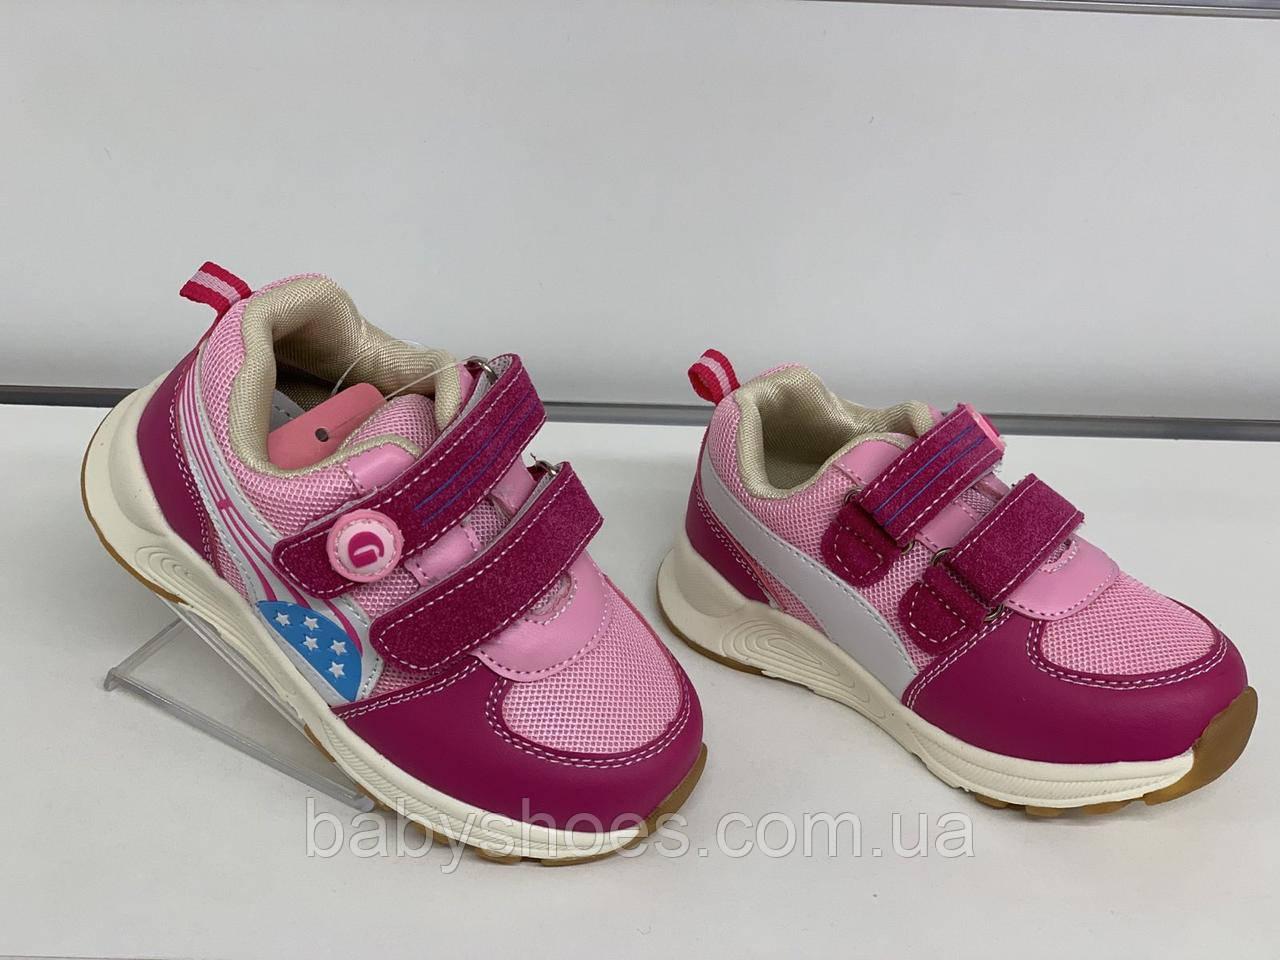 Кроссовки для девочки Tom.m р. 22-26 КД-564